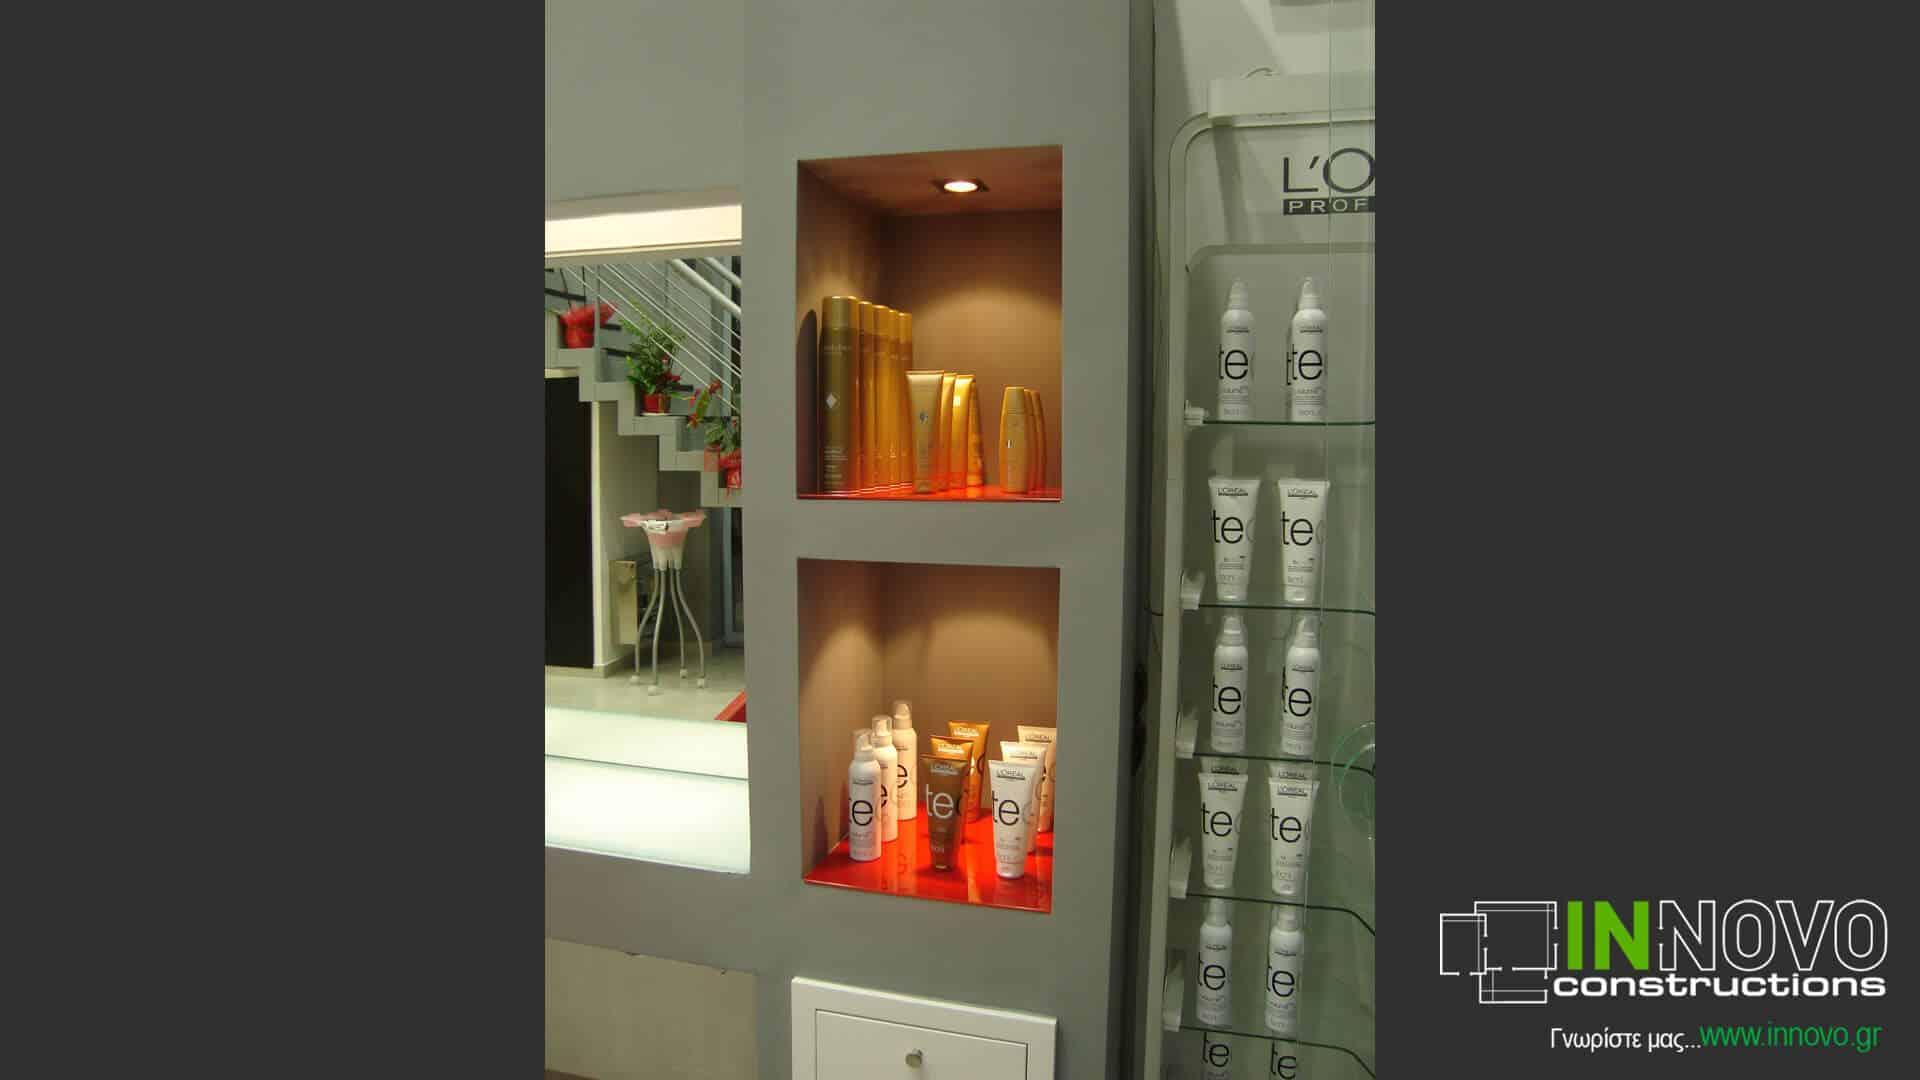 diakosmisi-kommotiriou-hairdressers-design-kommotirio-nafplio-1071-5